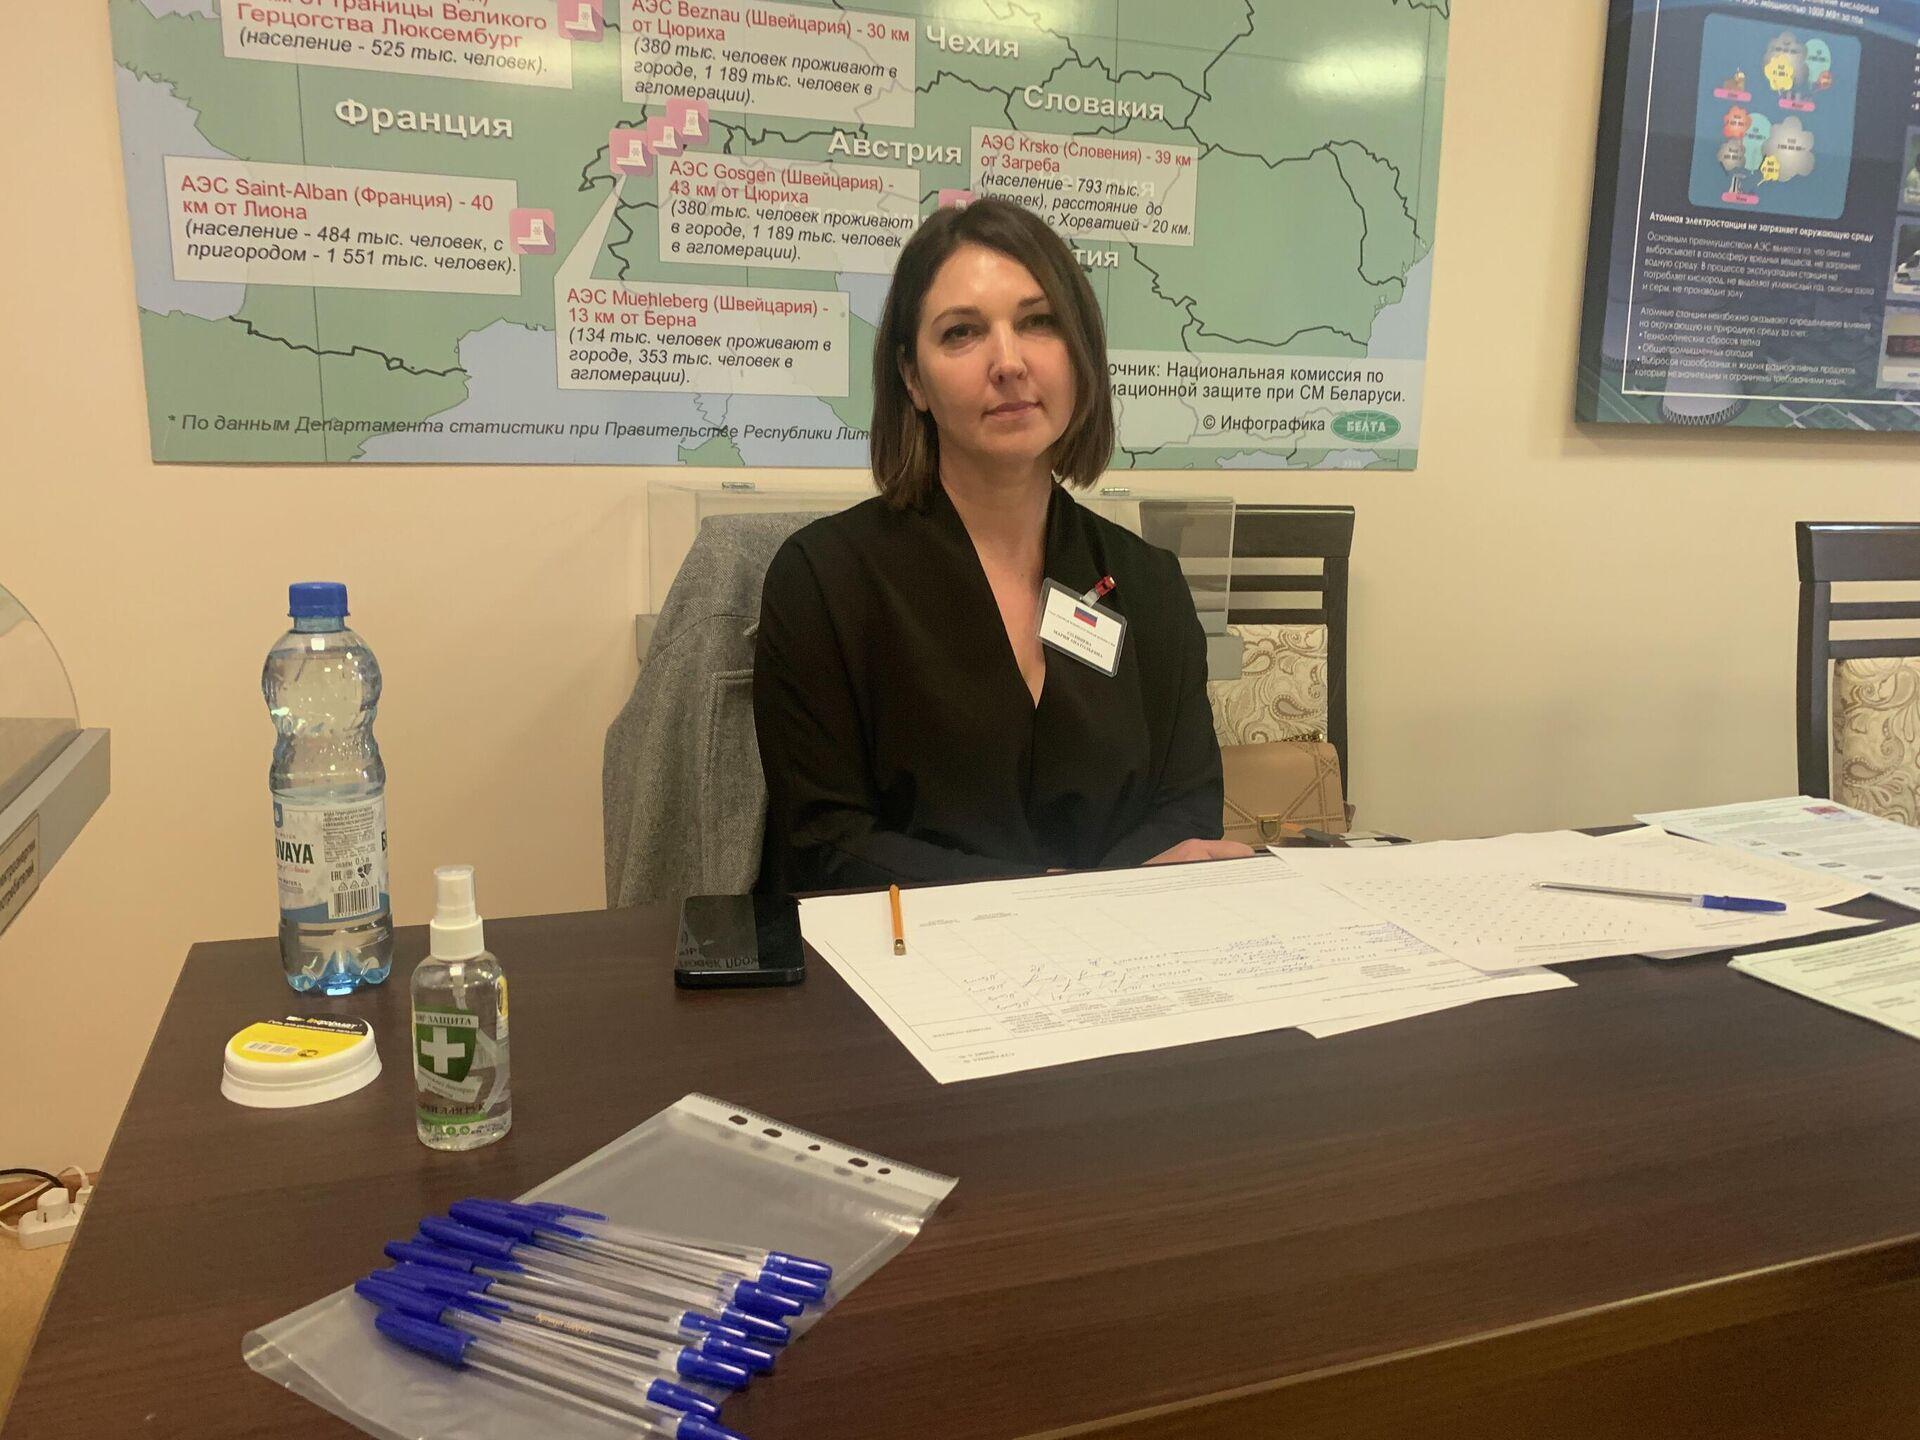 Мария Солнцева обратила внимание, что на выборах много активной молодежи - Sputnik Беларусь, 1920, 18.09.2021